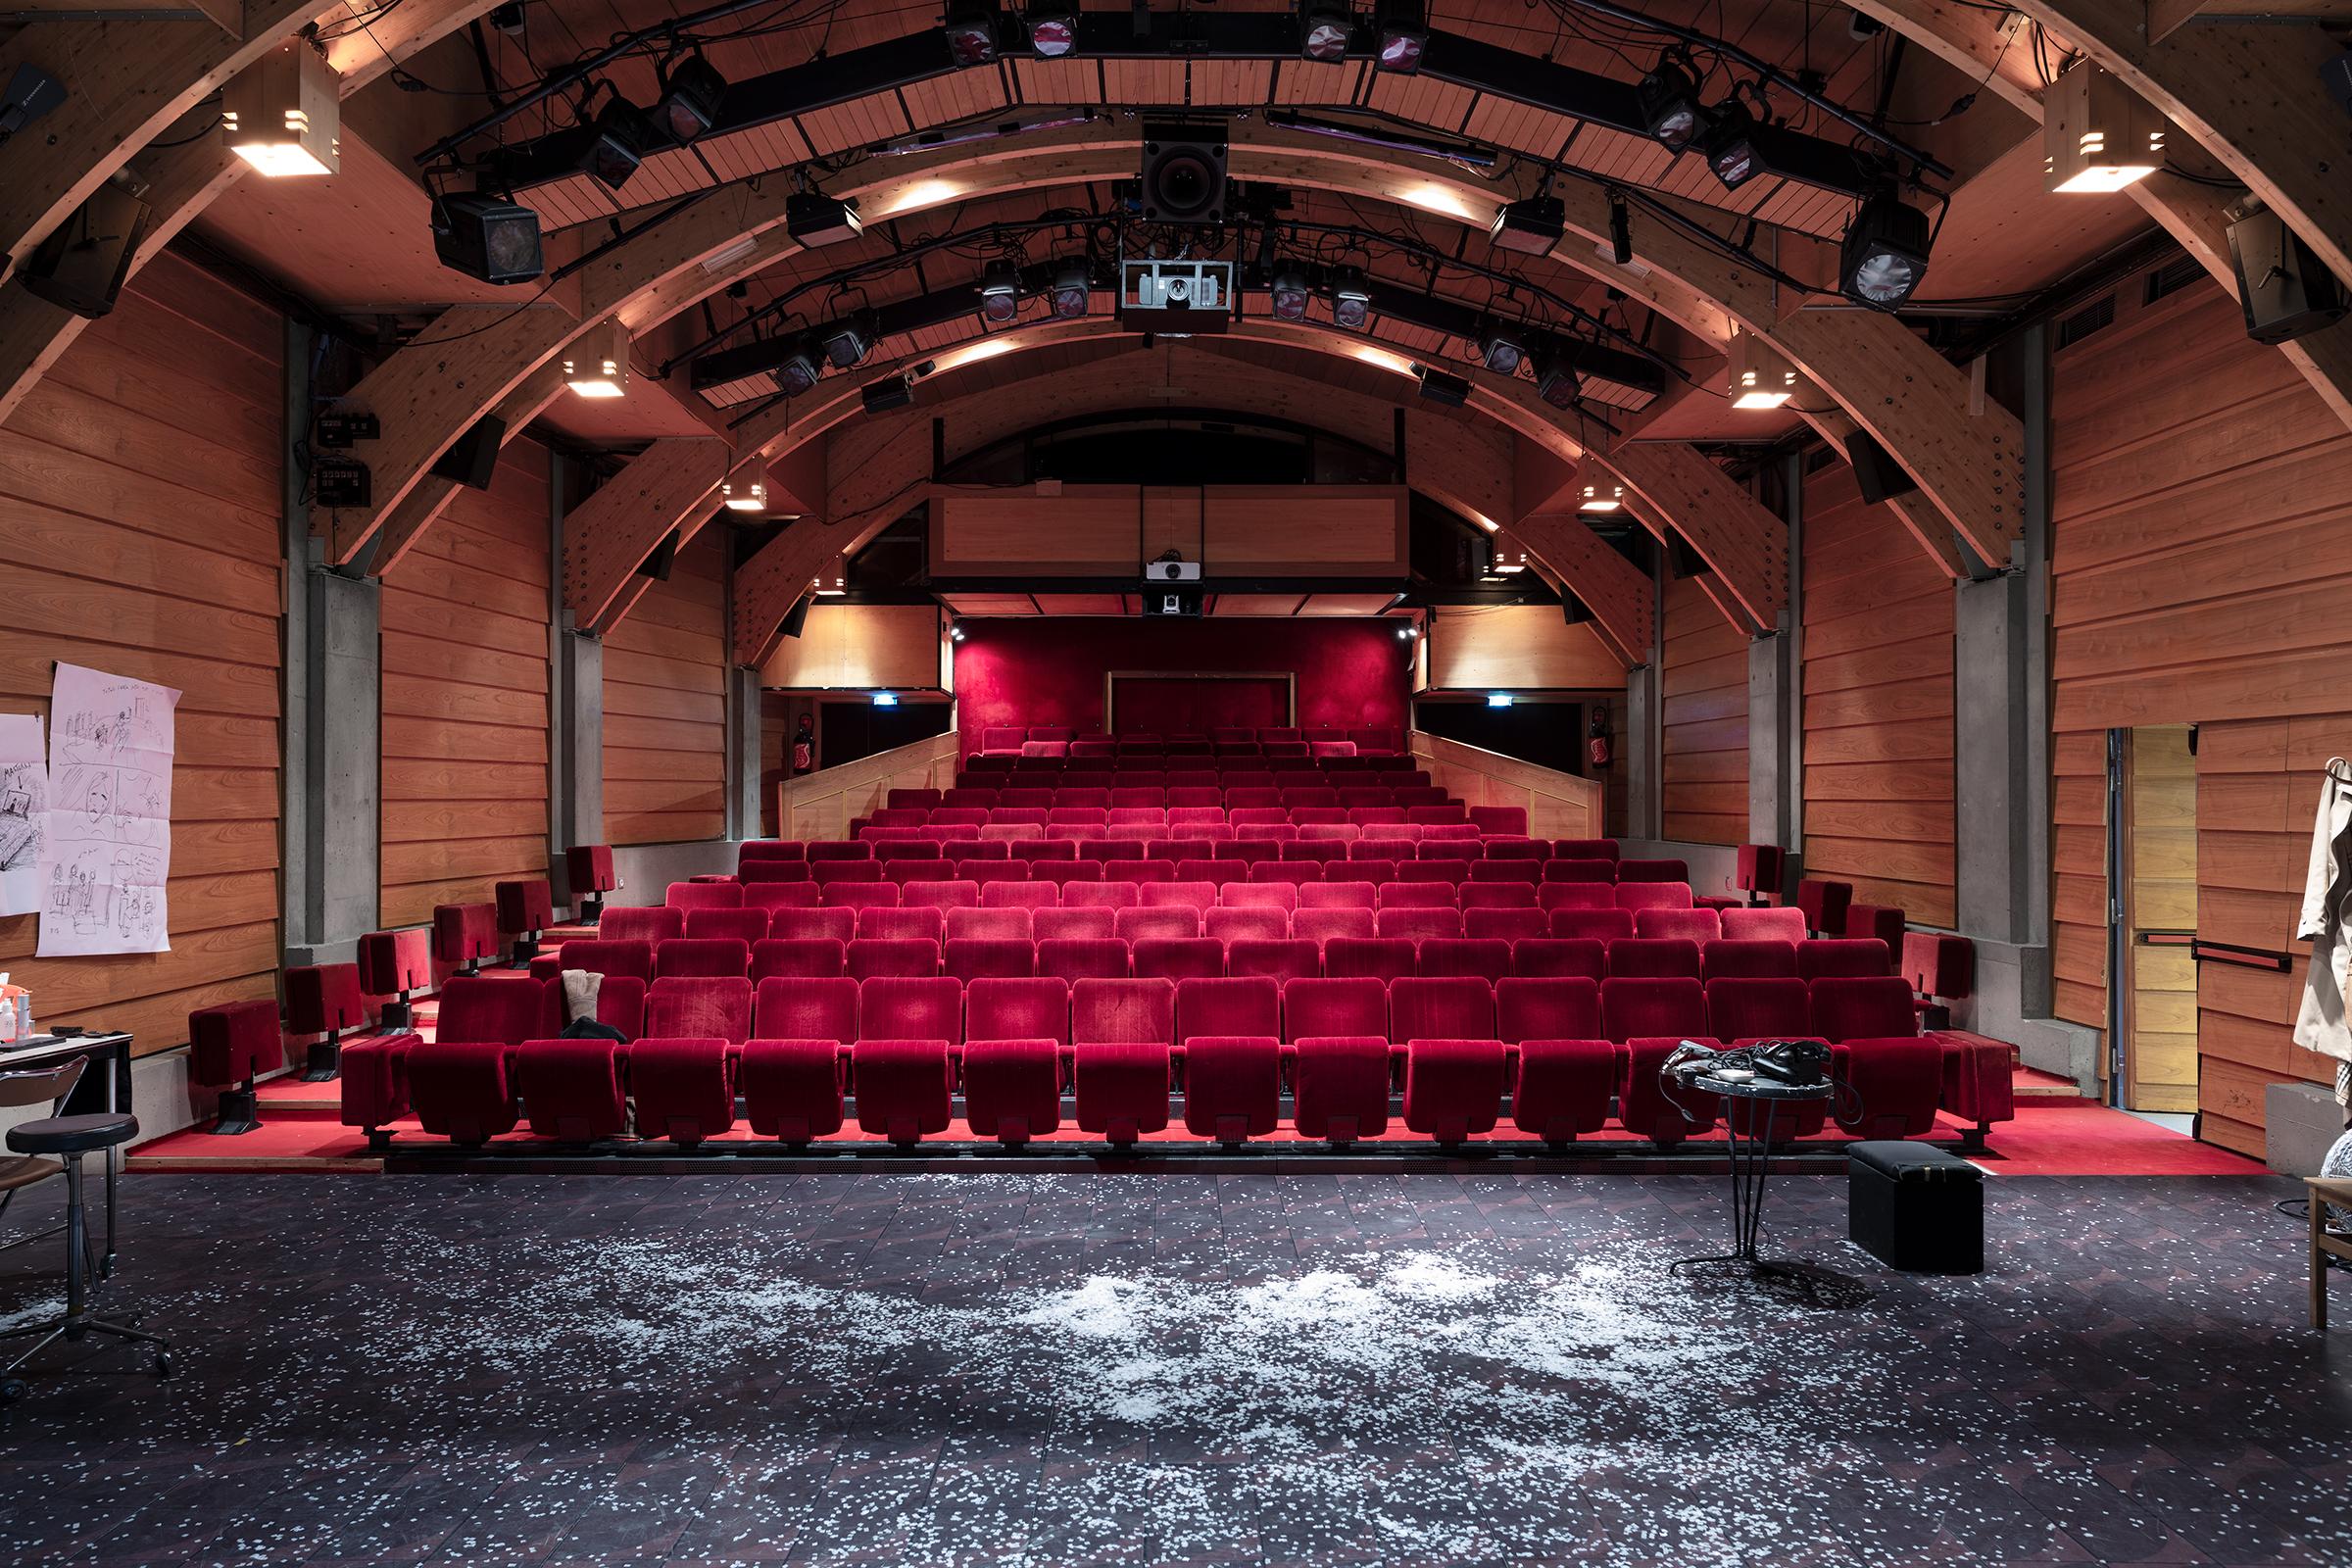 Theatre-du-Vieux-Colombier3web.jpg